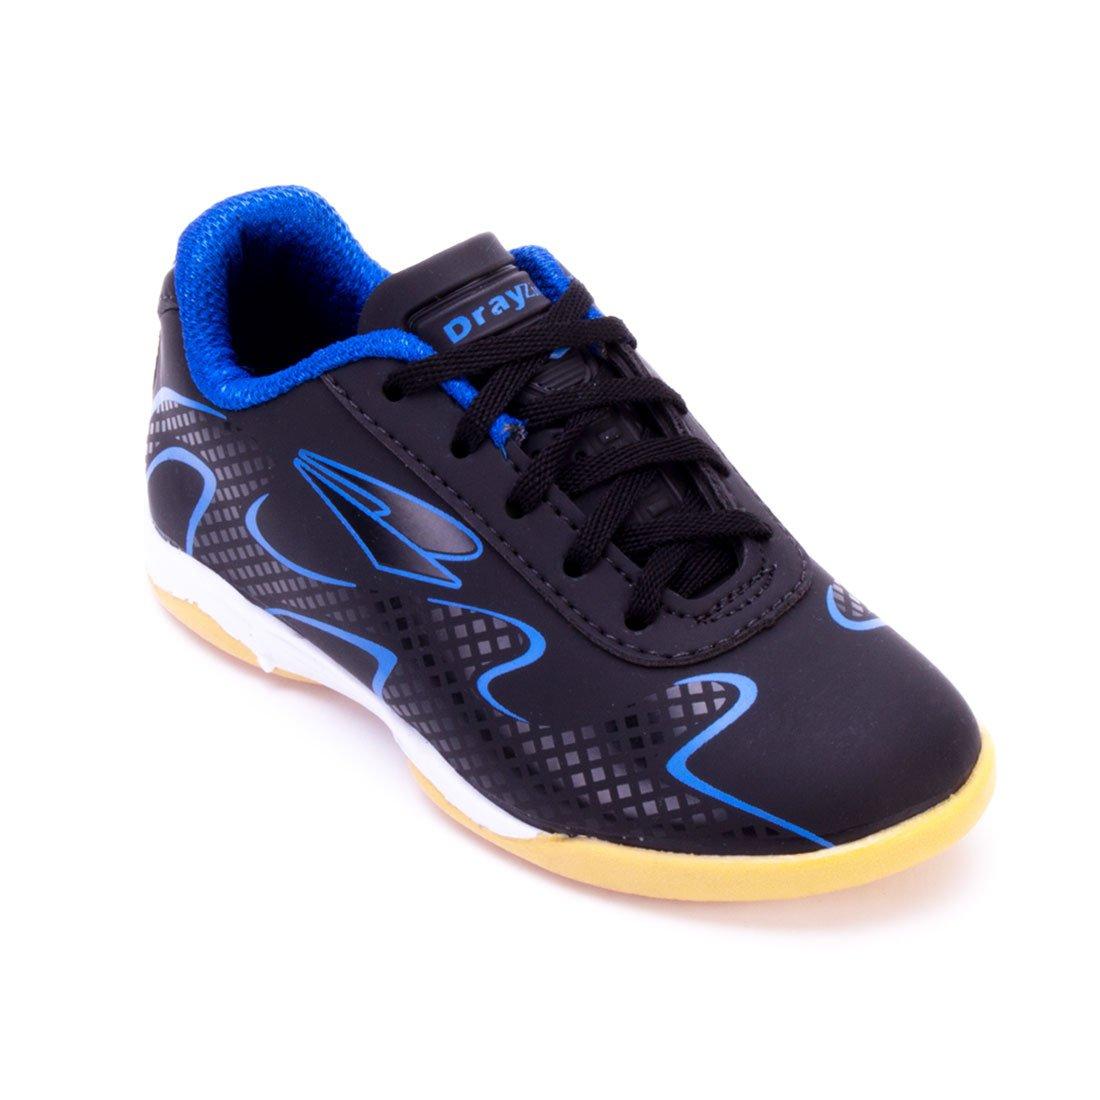 Tênis Futsal Drayzinho Infantil 113CO - Compre Agora  7095c416eaa7d